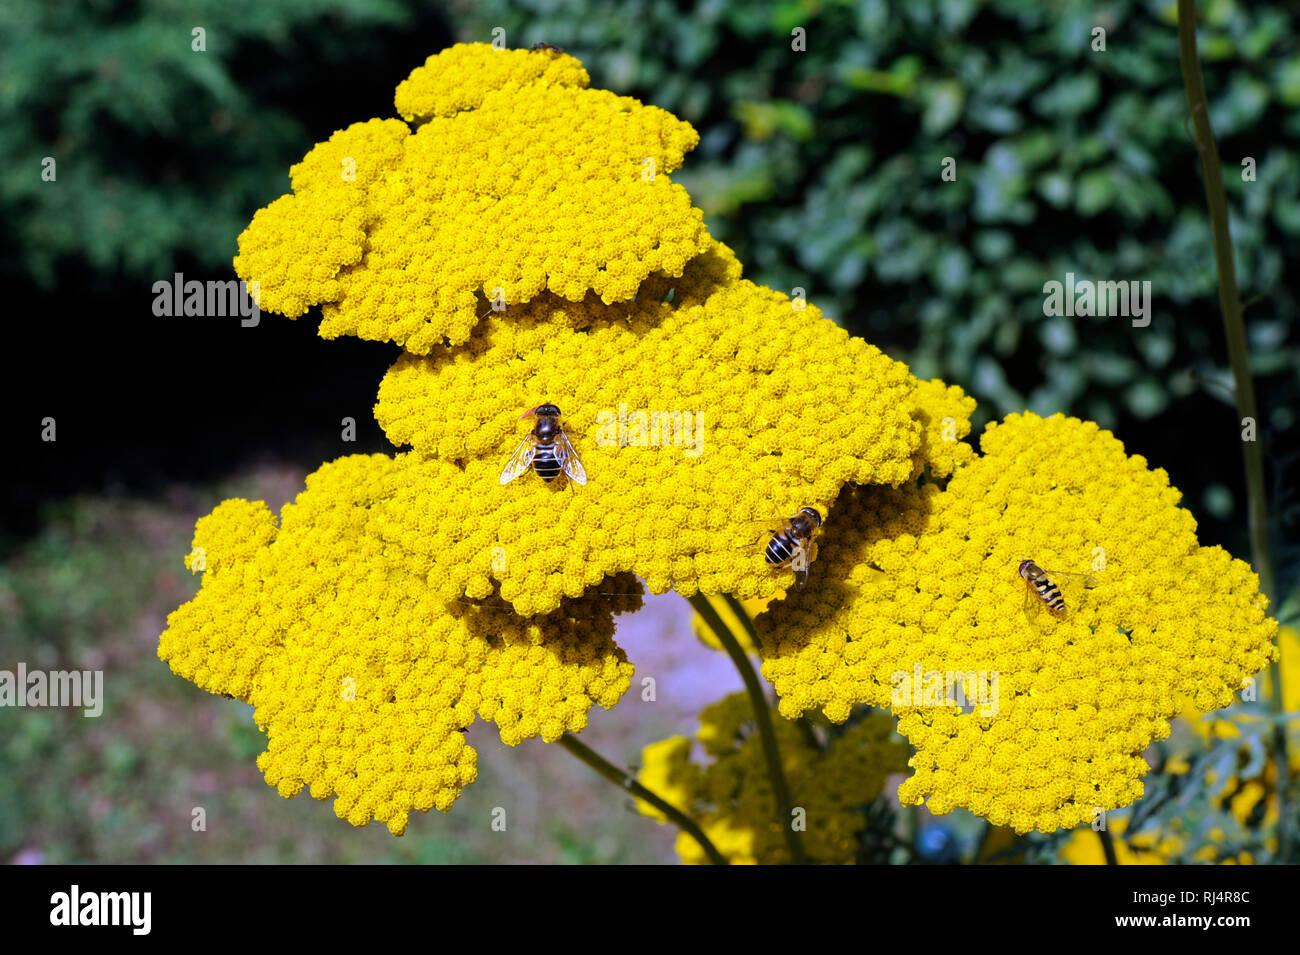 Gelbe Schirmrispen der Achillea, auch Garbe oder Schafgarbe, Insekten, - Stock Image